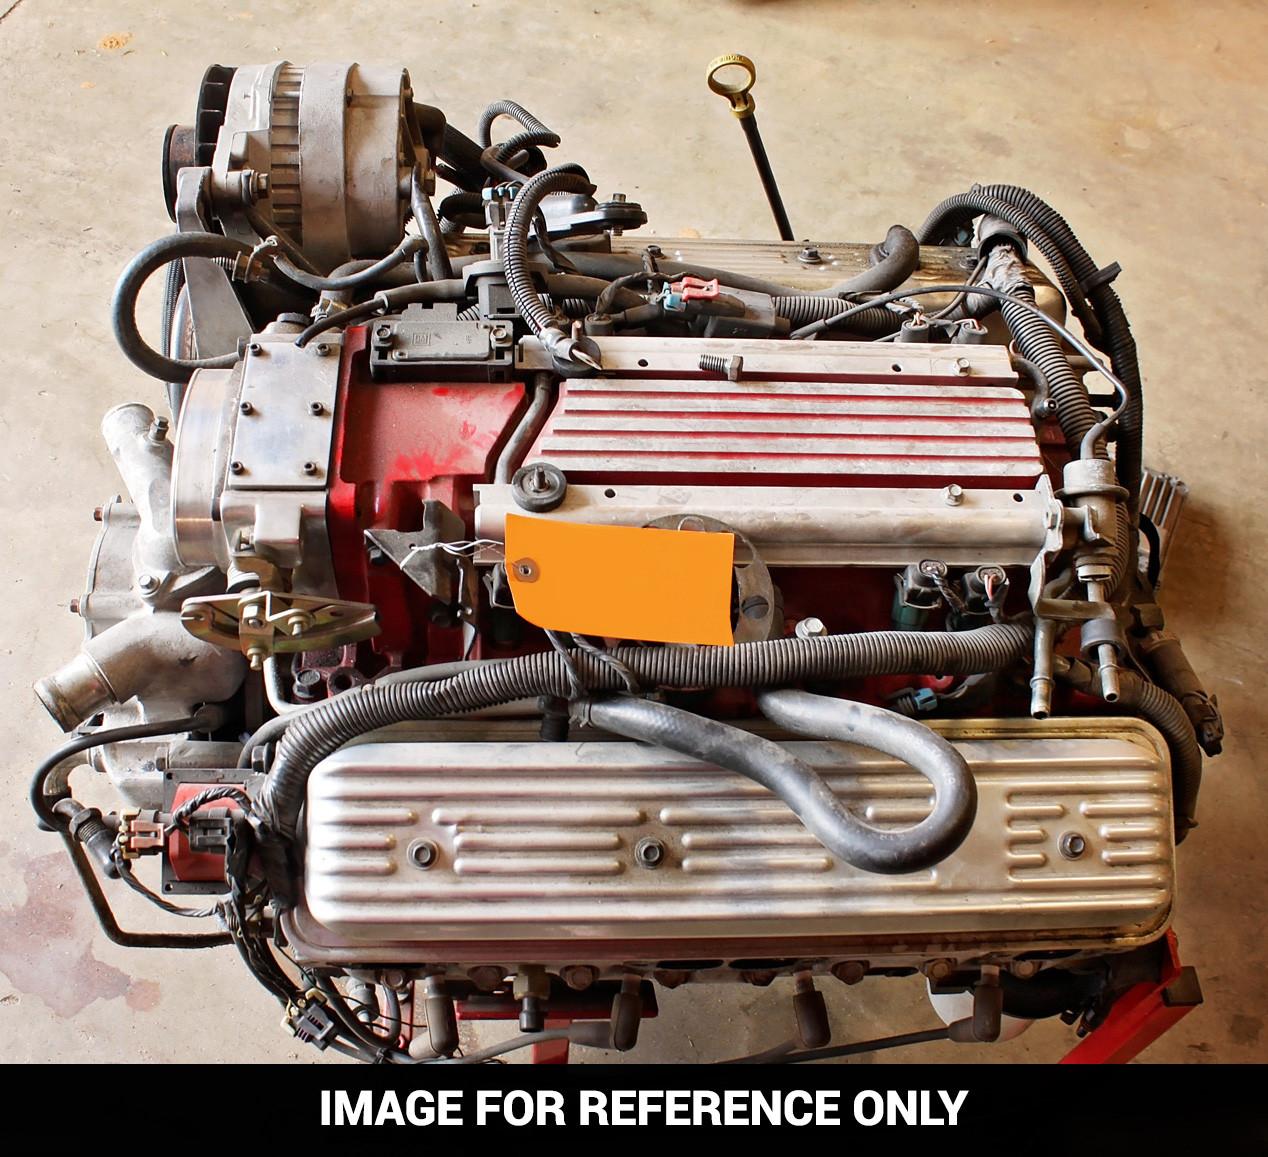 1997 pontiac firebird lt1 engine diagram trusted wiring diagram u2022 trans am ws6 wheels 1996 [ 1268 x 1157 Pixel ]